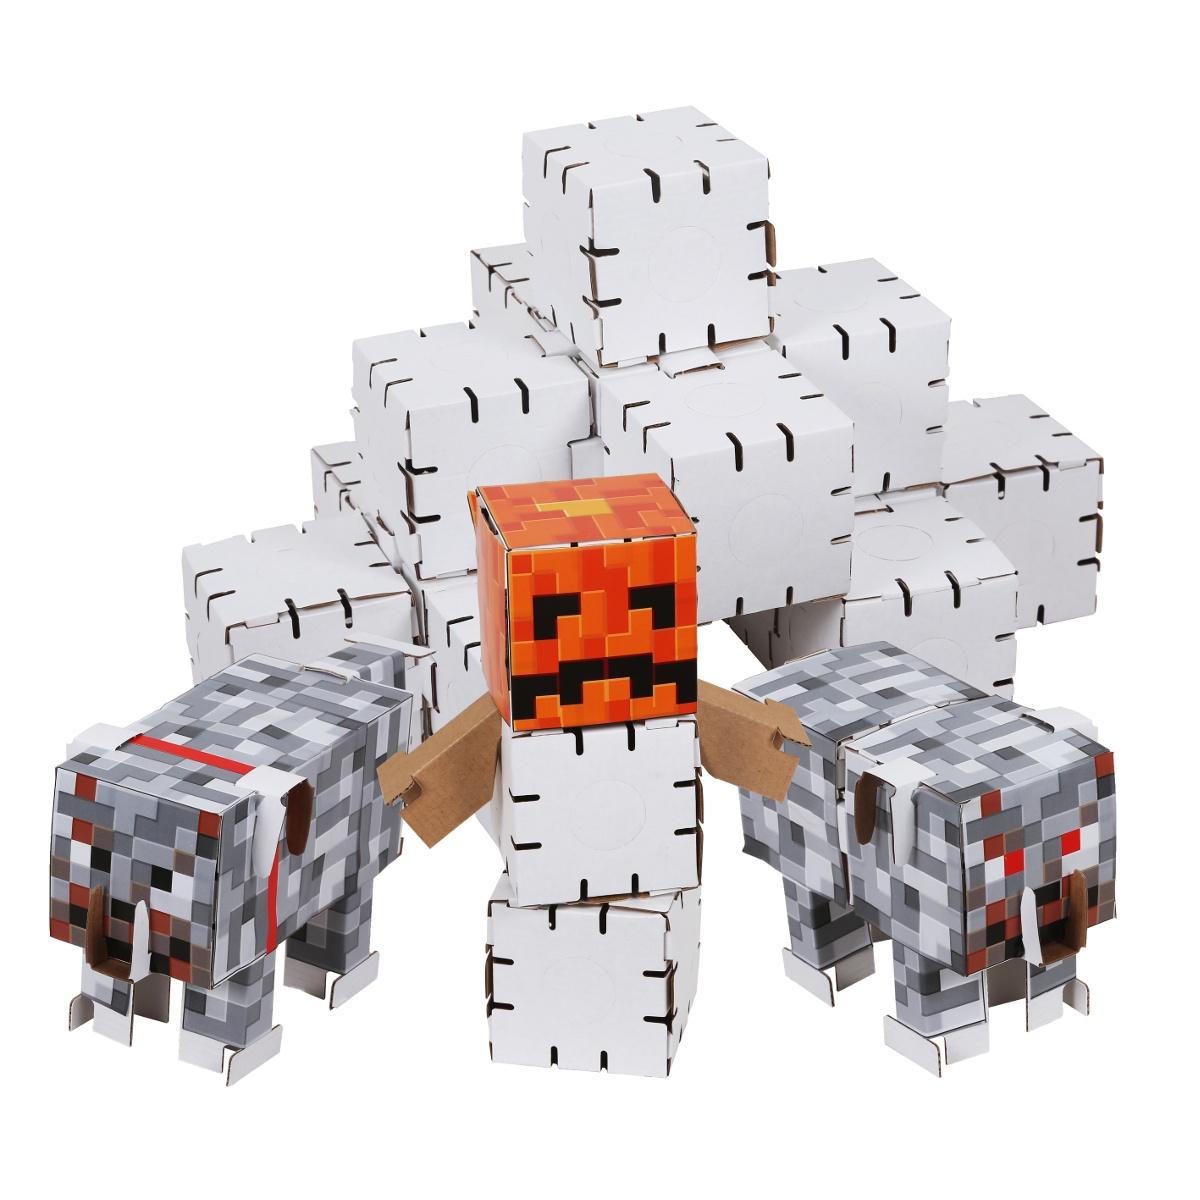 Пластиковый конструктор Yohocube Конструктор Yohocraft Страж Севера yohocube картонный конструктор ангелочки yohocube